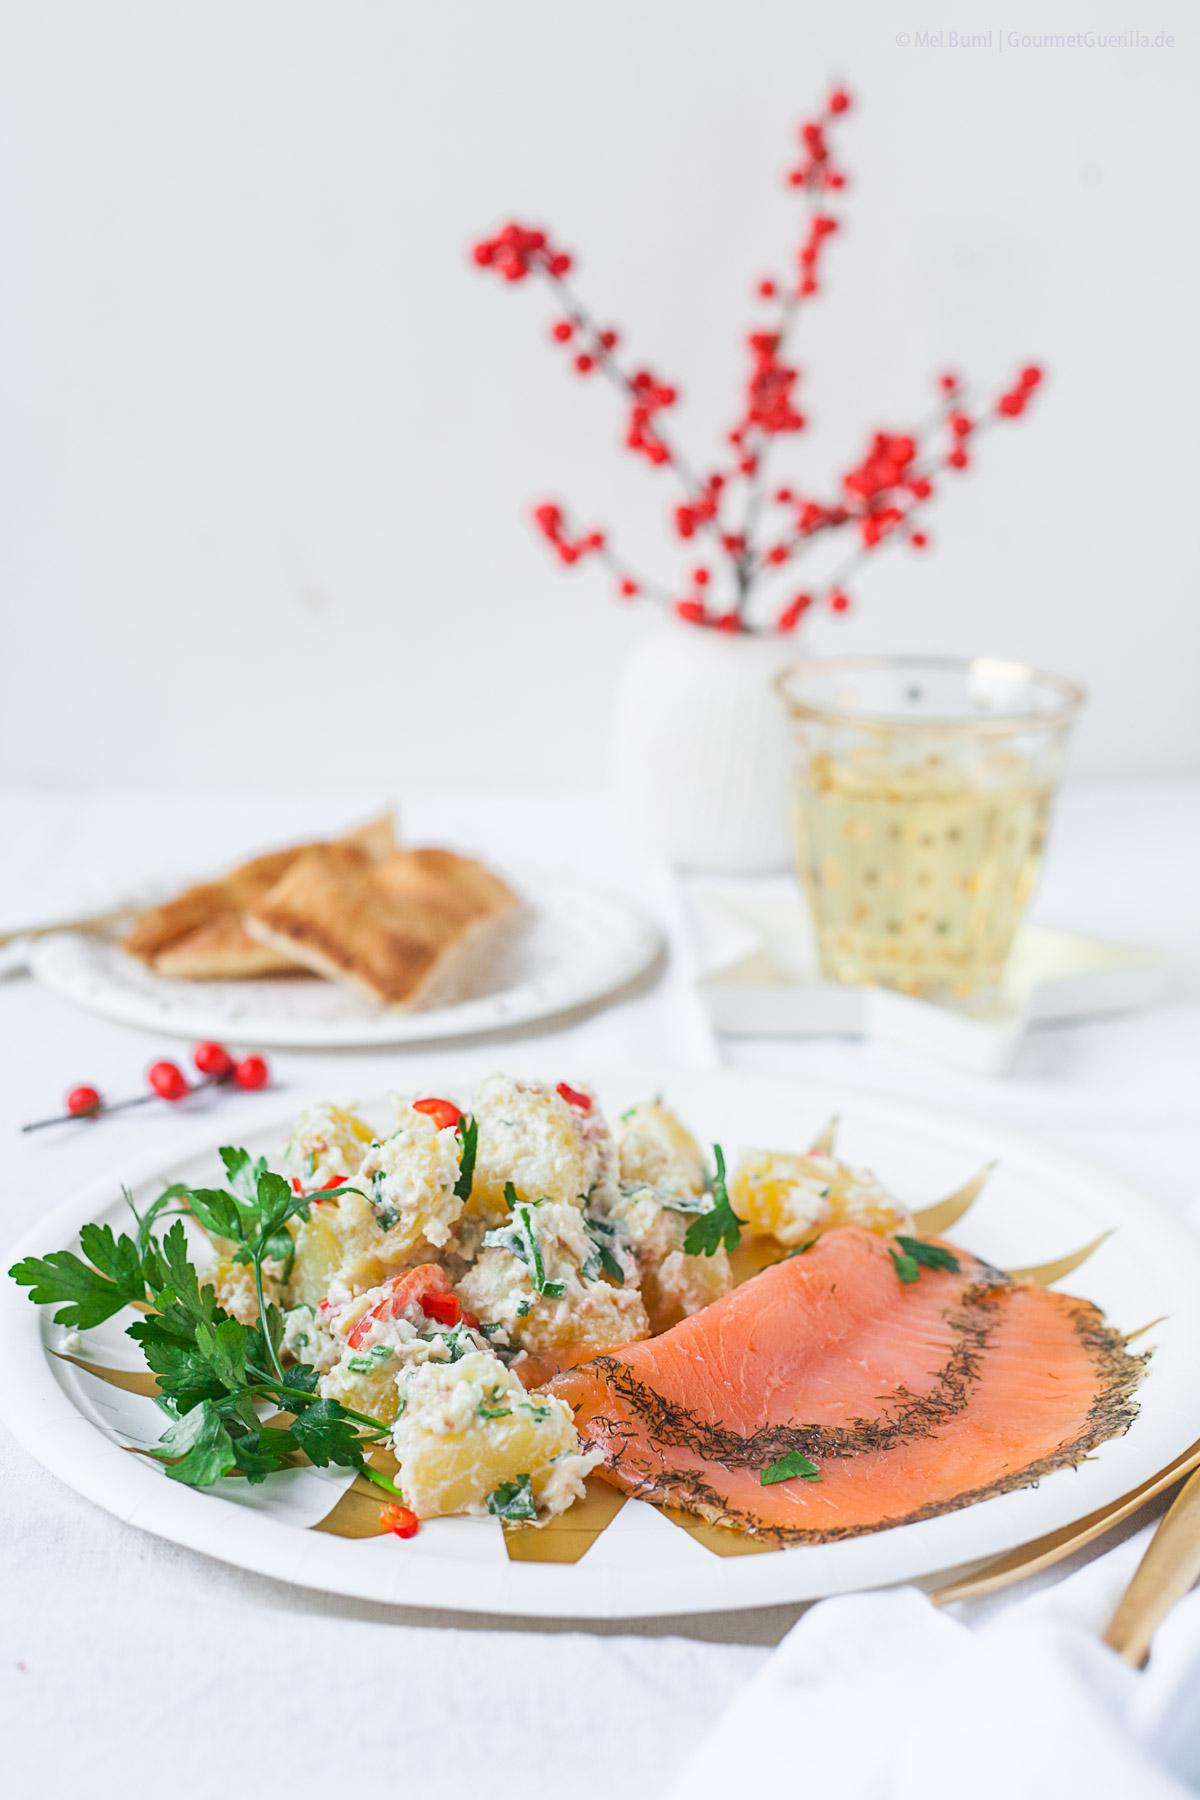 ayurvedischer kartoffelsalat mit graved lachs eine k stliche alternative zum weihnachts. Black Bedroom Furniture Sets. Home Design Ideas